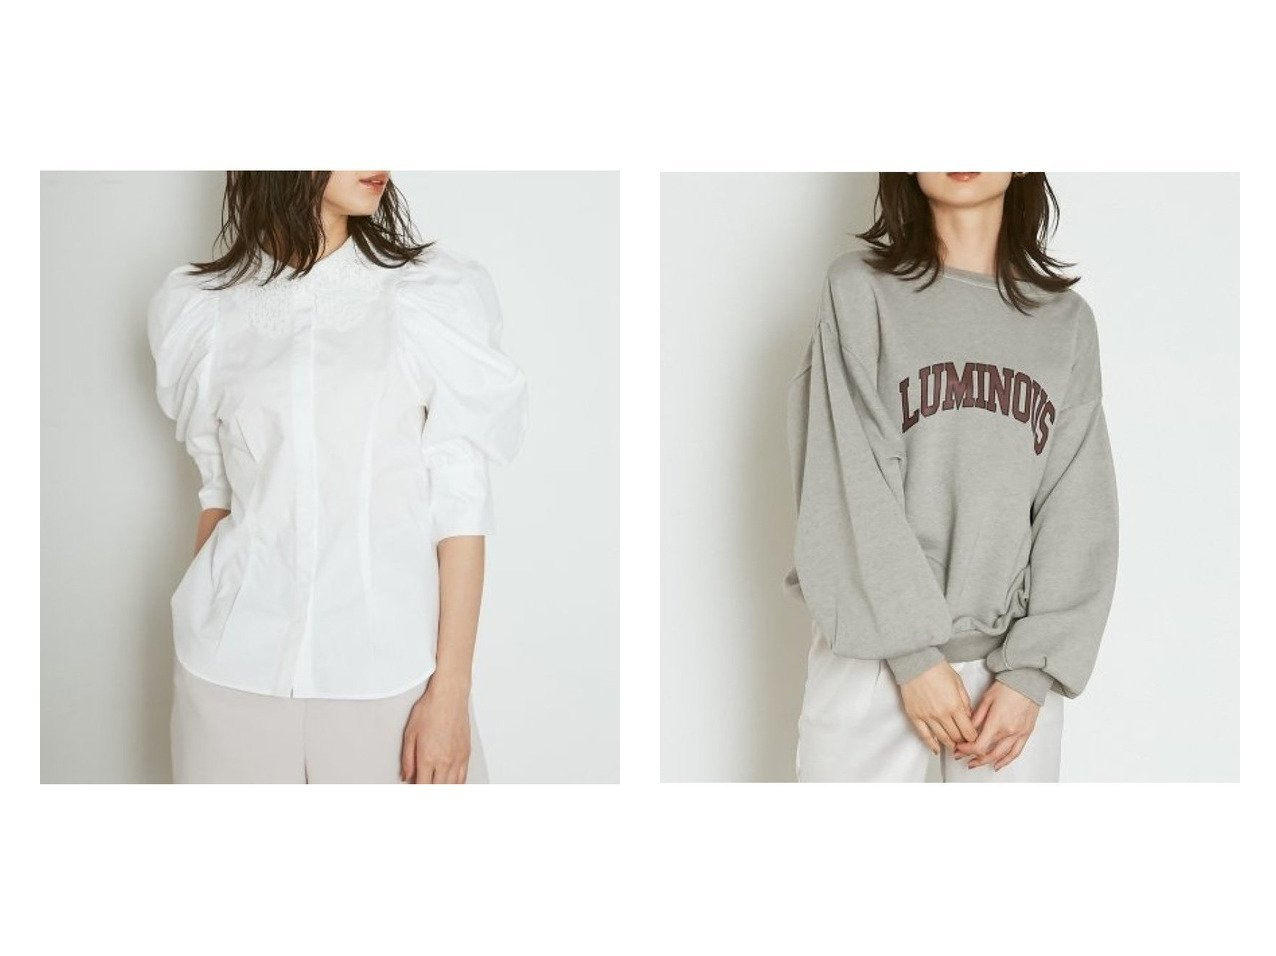 【SNIDEL/スナイデル】のORGANICSレースカラーシャツブラウス&ORGANICSピグメントロゴスウェット SNIDELのおすすめ!人気、トレンド・レディースファッションの通販  おすすめで人気の流行・トレンド、ファッションの通販商品 メンズファッション・キッズファッション・インテリア・家具・レディースファッション・服の通販 founy(ファニー) https://founy.com/ ファッション Fashion レディースファッション WOMEN トップス Tops Tshirt シャツ/ブラウス Shirts Blouses パーカ Sweats スウェット Sweat カットソー Cut and Sewn NEW・新作・新着・新入荷 New Arrivals カフス ギャザー シンプル レース 人気 再入荷 Restock/Back in Stock/Re Arrival |ID:crp329100000018690